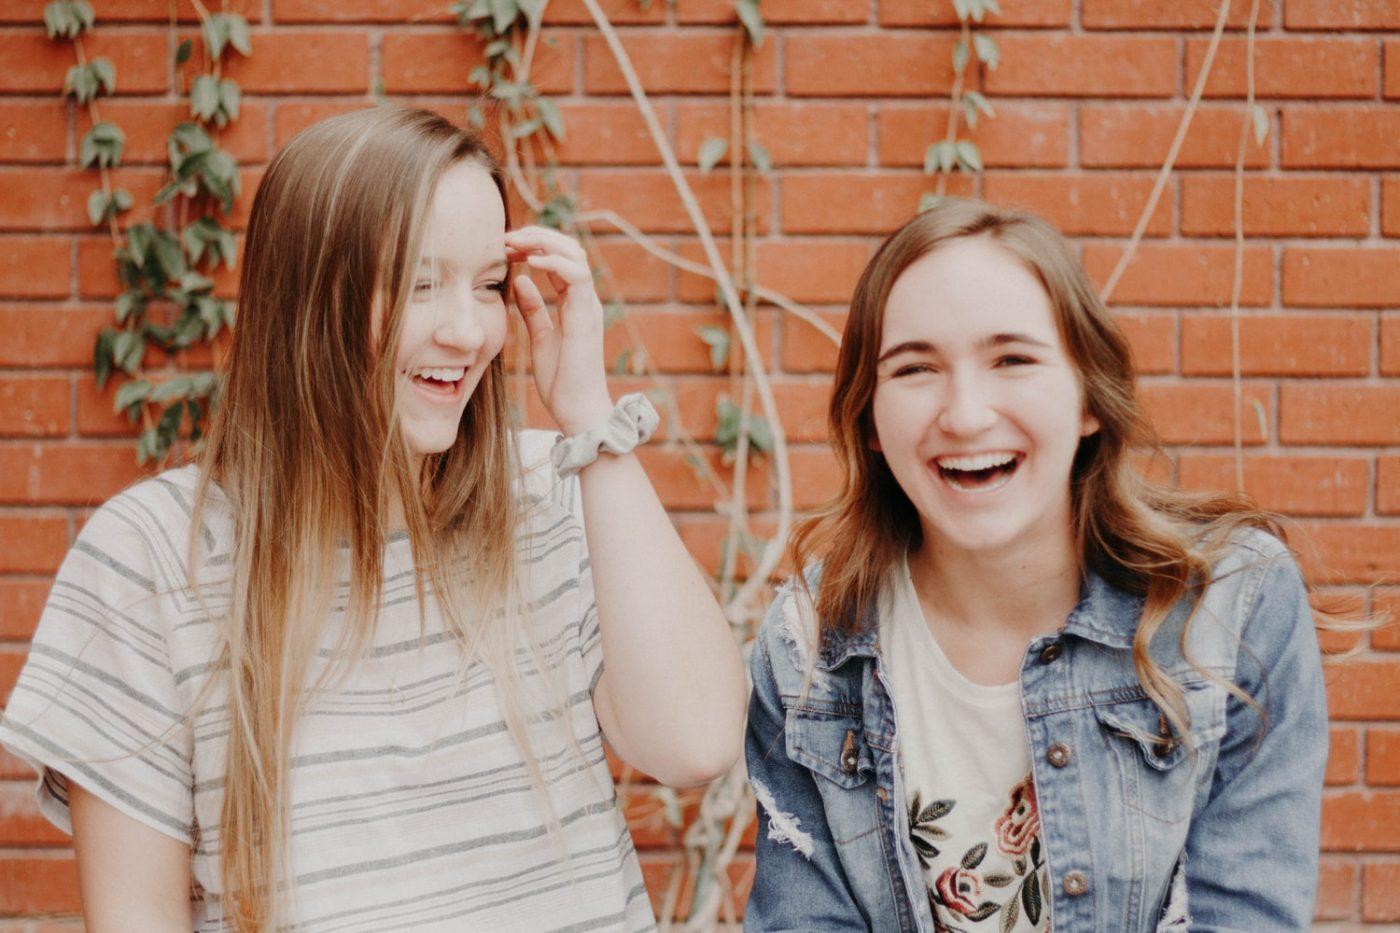 Le Sagittaire : 10 Raisons qui font de lui le meilleur ami que vous pourriez avoir